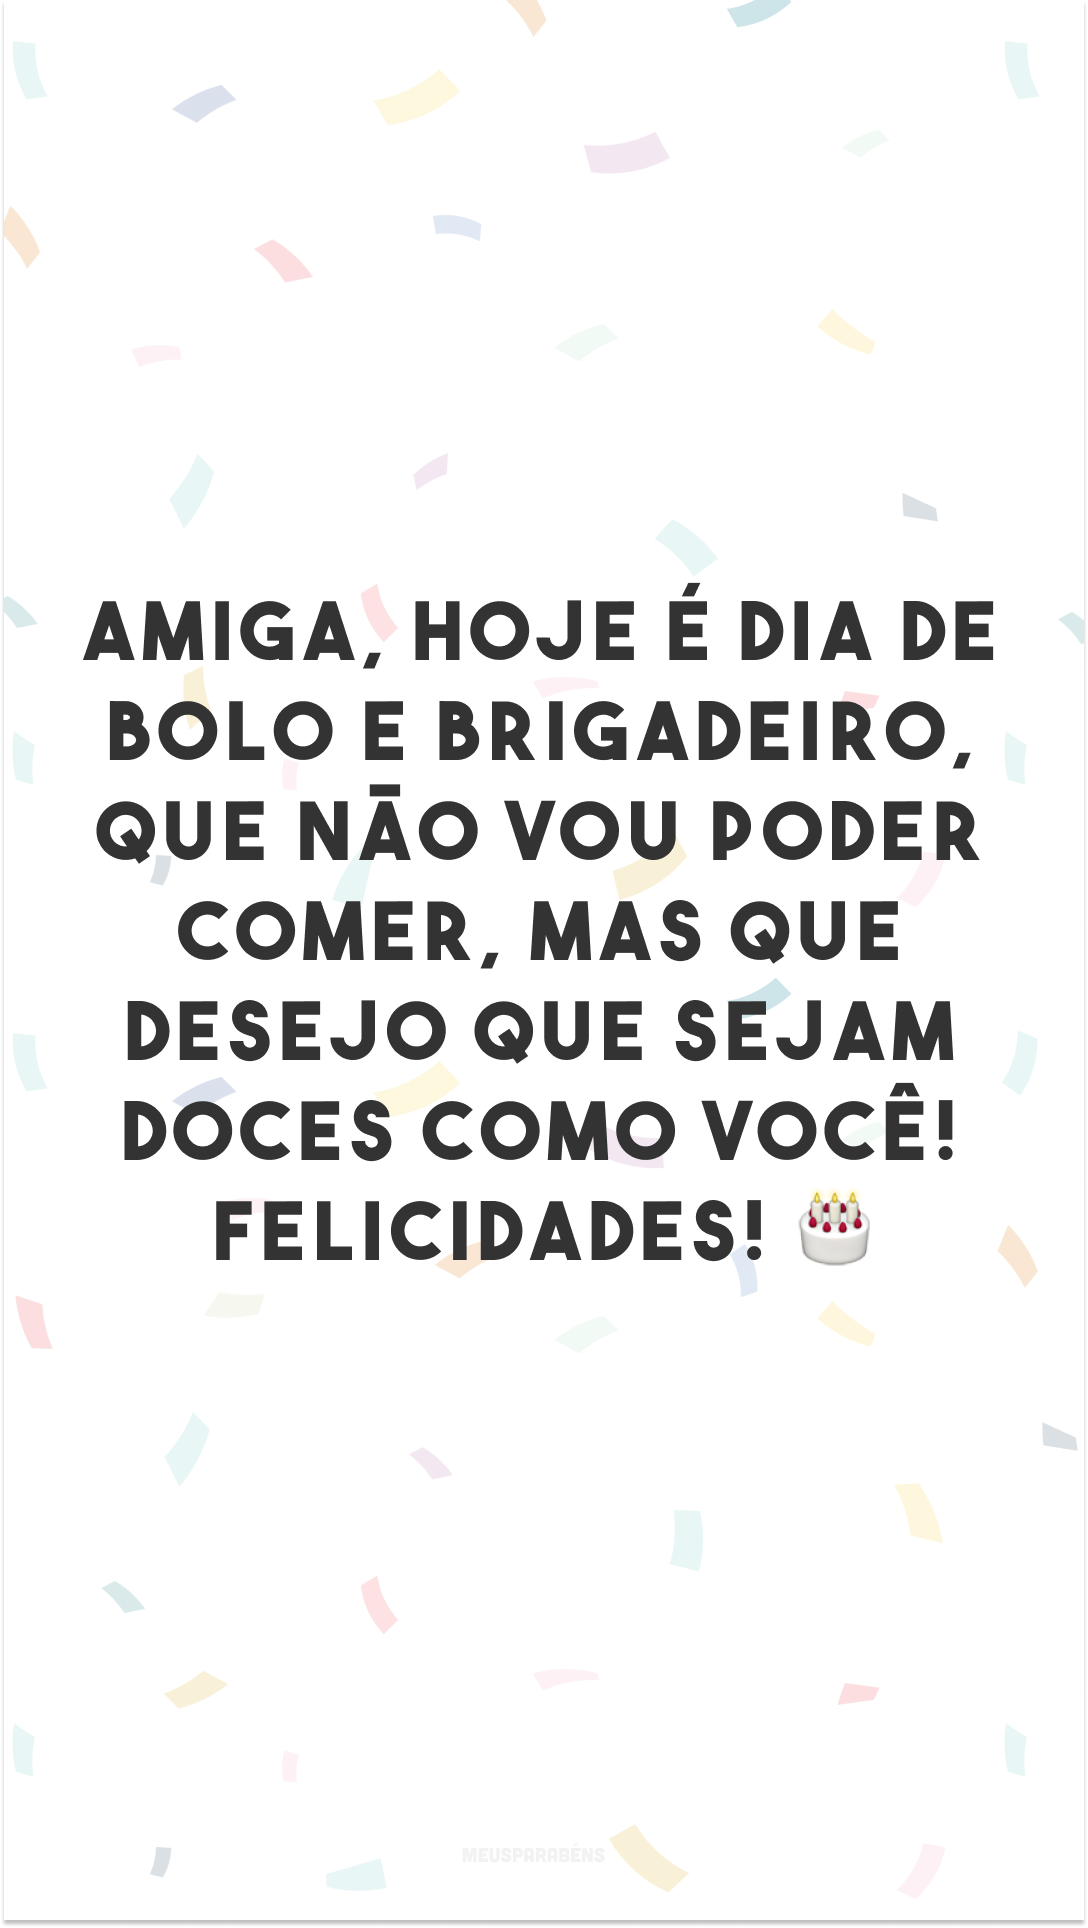 Amiga, hoje é dia de bolo e brigadeiro, que não vou poder comer, mas que desejo que sejam doces como você! Felicidades! 🎂